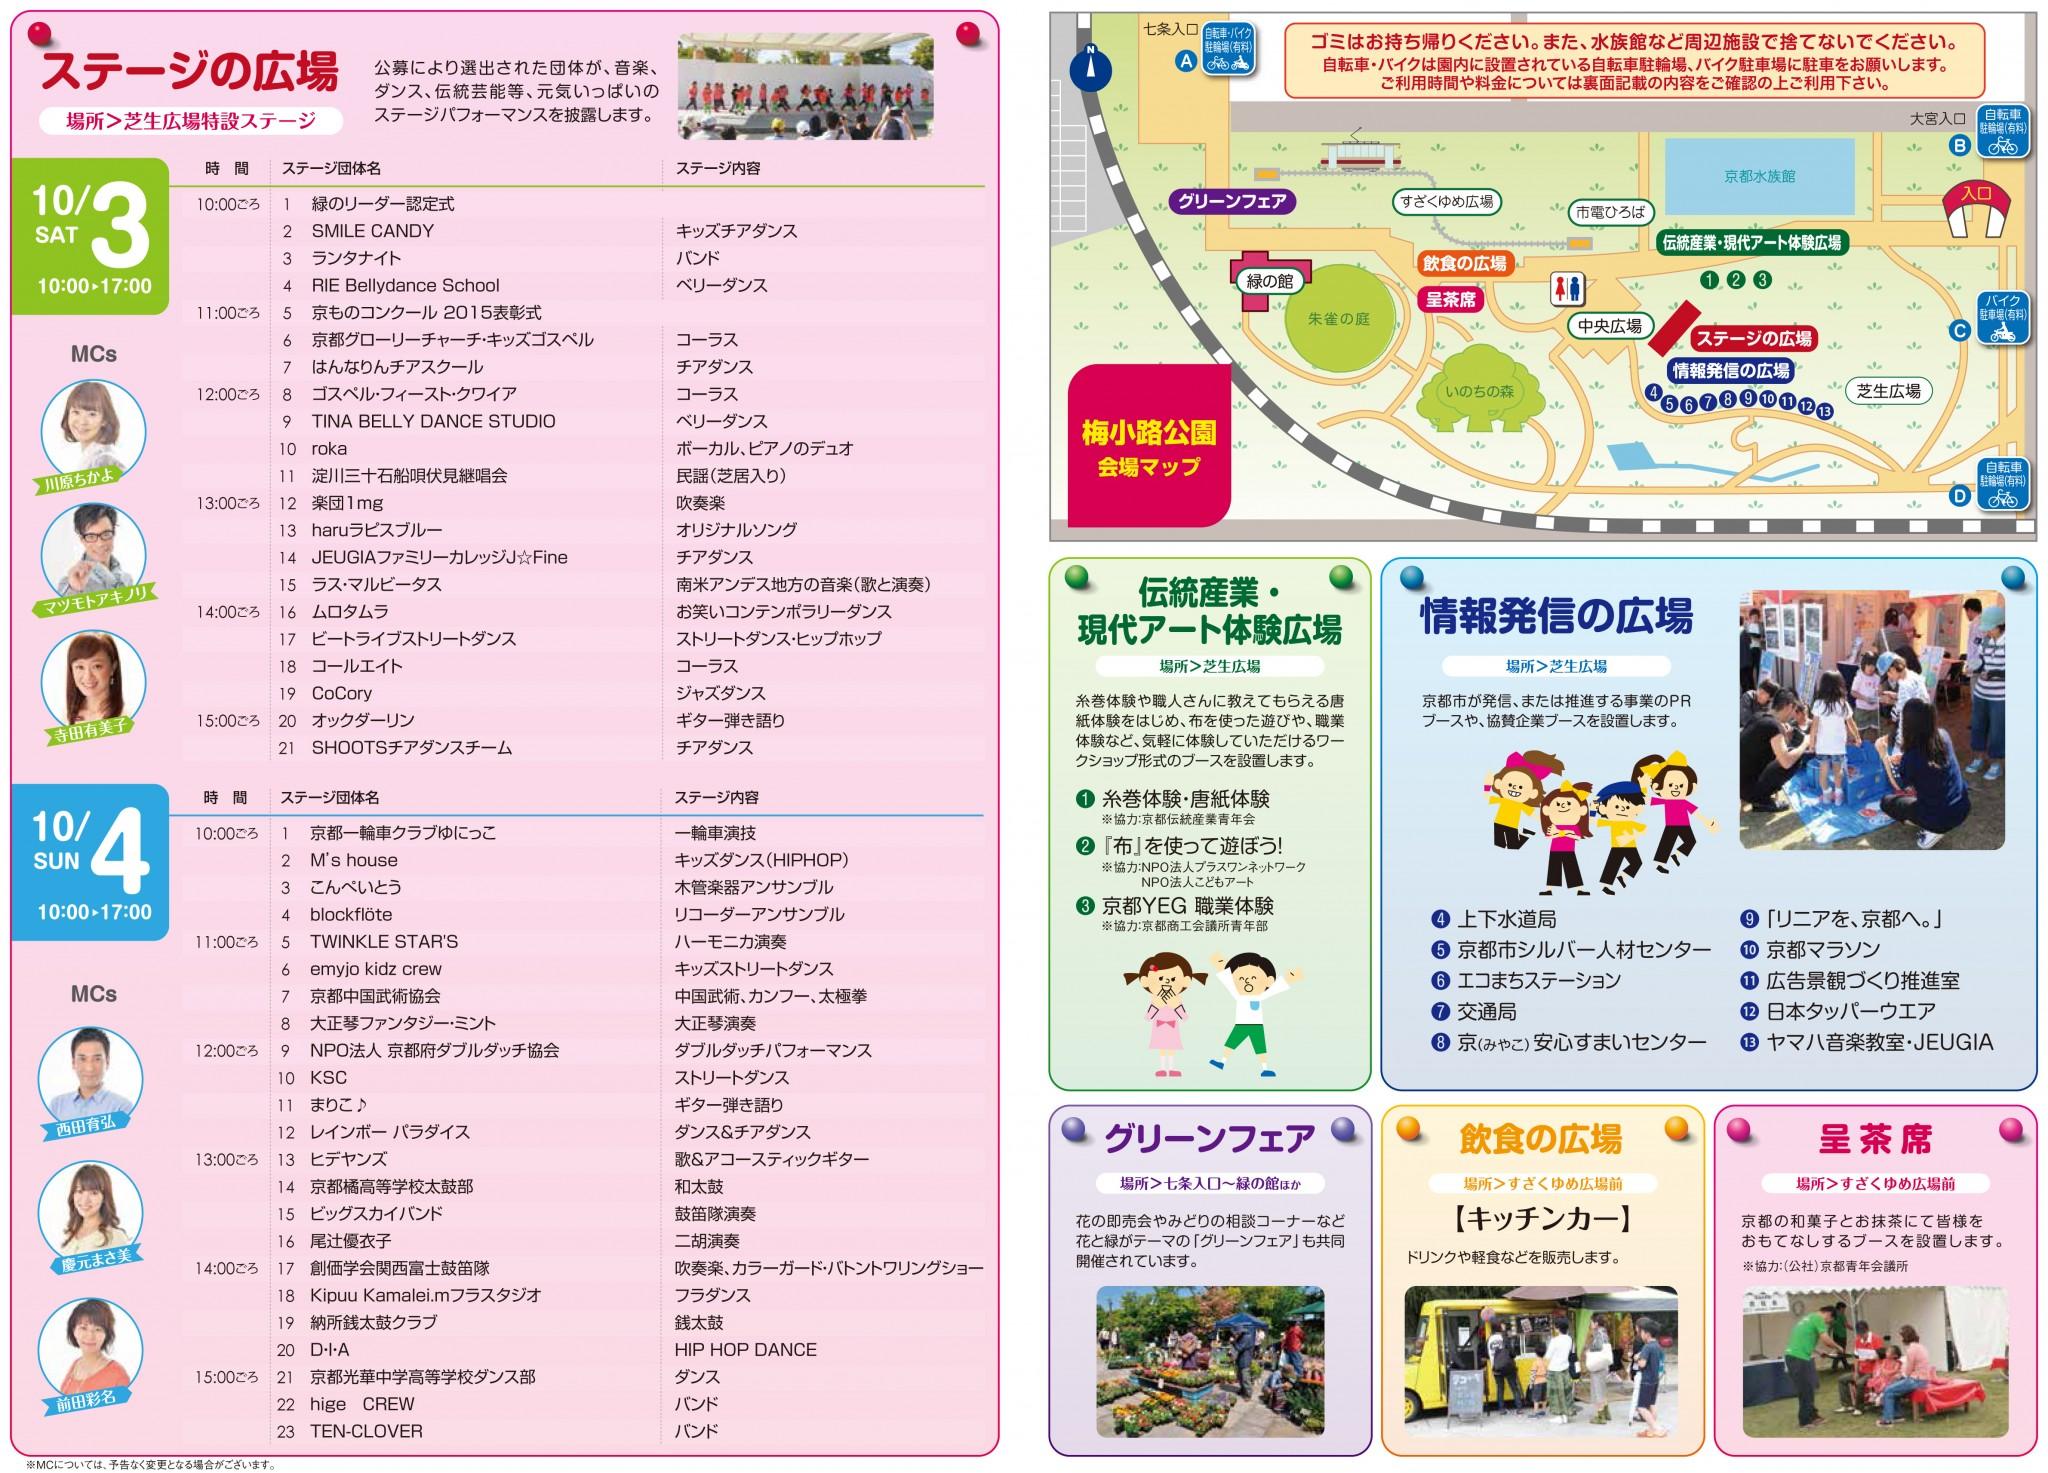 ふれあいステージリーフレット(最終)-2